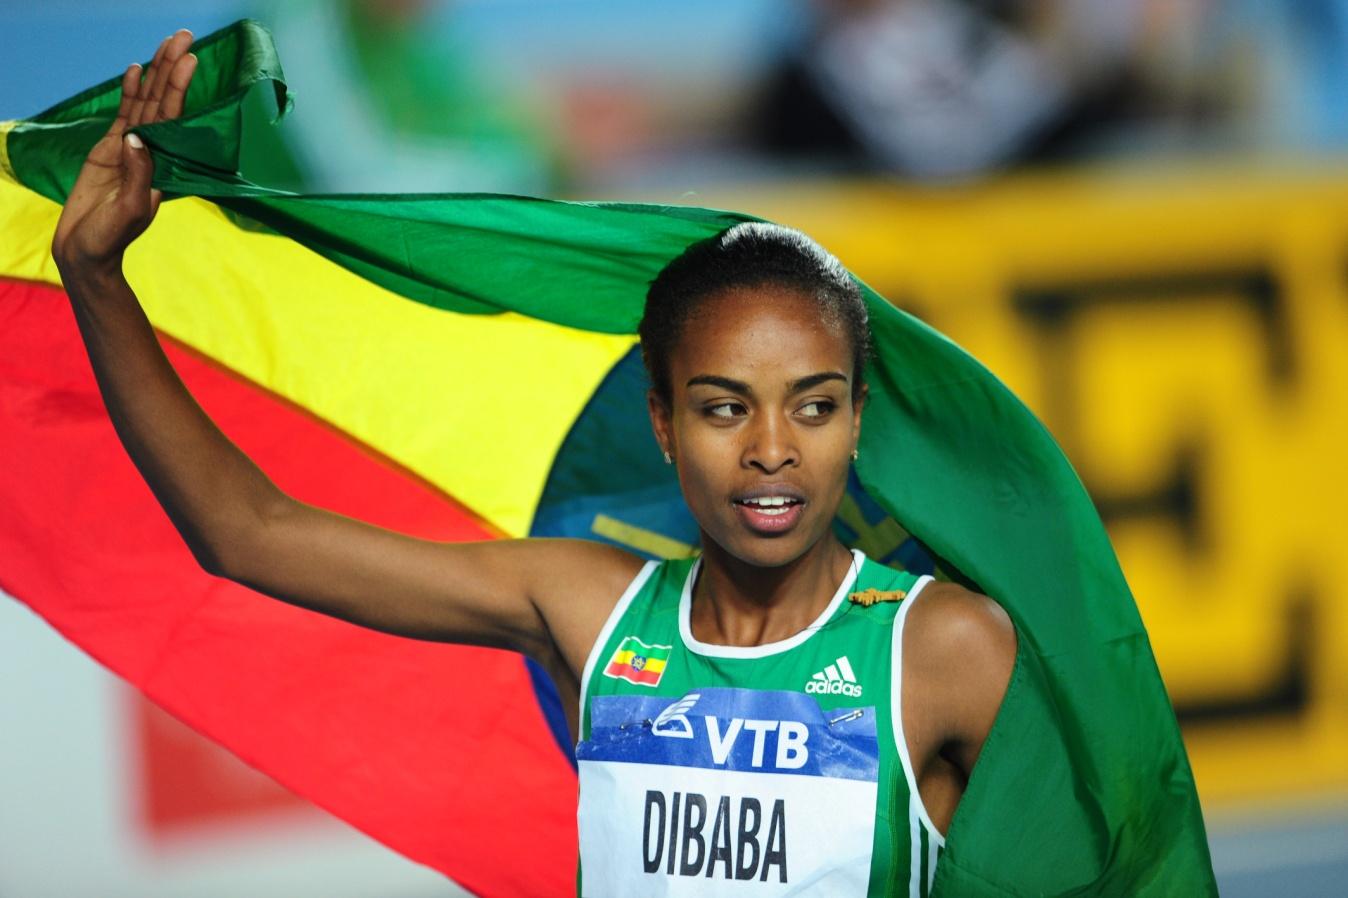 Genzebe Dibaba Record mundial locos por correr video 03